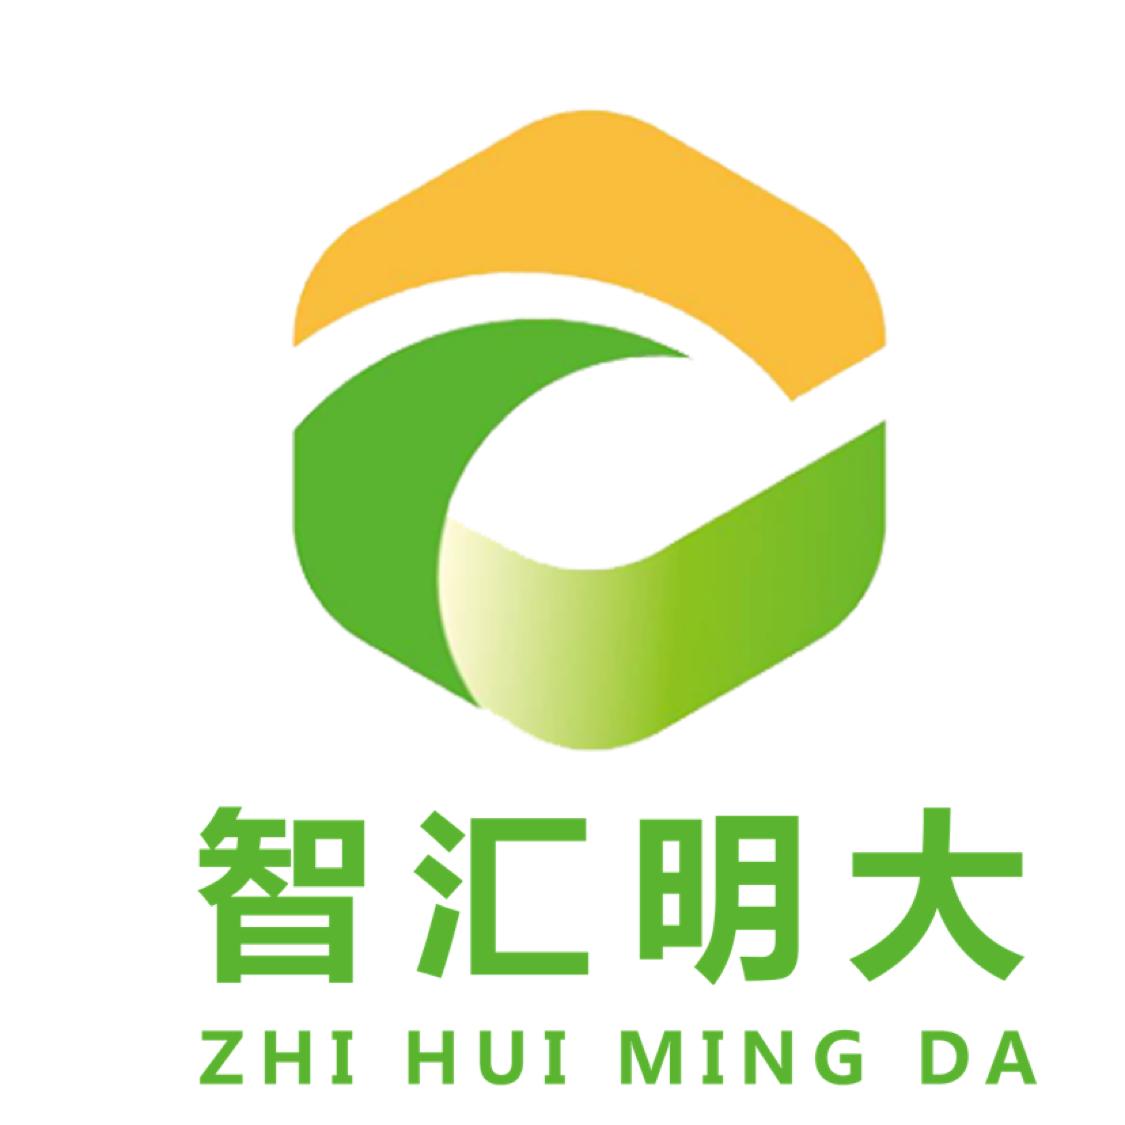 河北智汇明大医药贸易有限公司